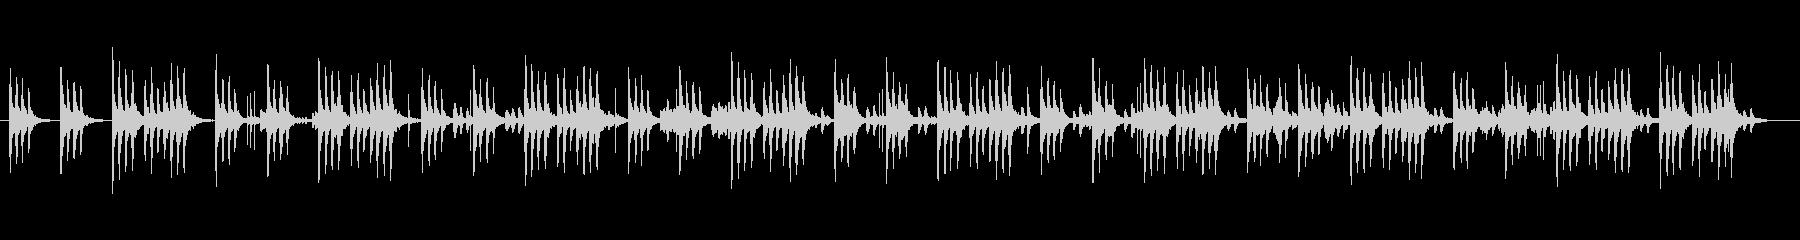 可愛く優しいシンセサイザーサウンドの未再生の波形